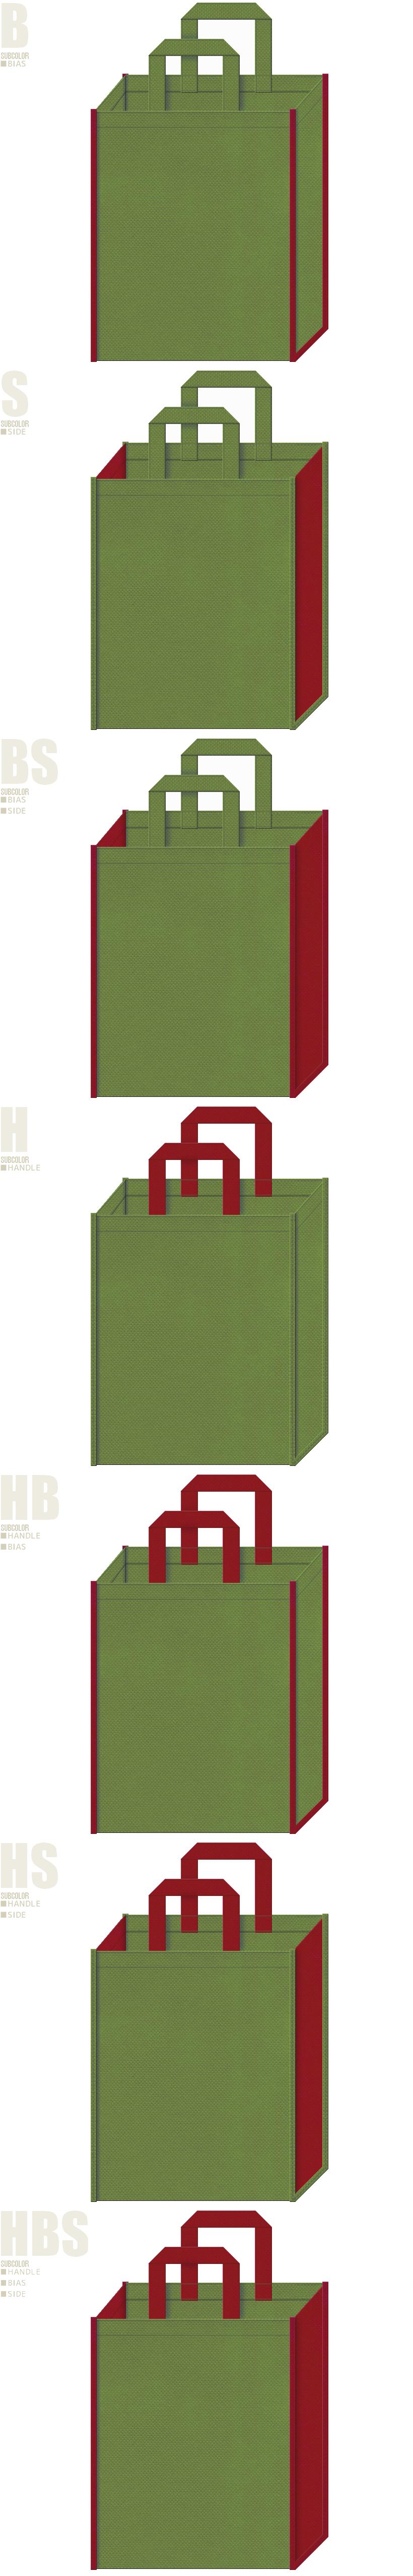 琴・邦楽演奏会・演芸場・抹茶ぜんざい・茶店・草履・帯・着物の展示会用バッグにお奨めの不織布バッグデザイン:草色とエンジ色の不織布バッグ配色7パターン。